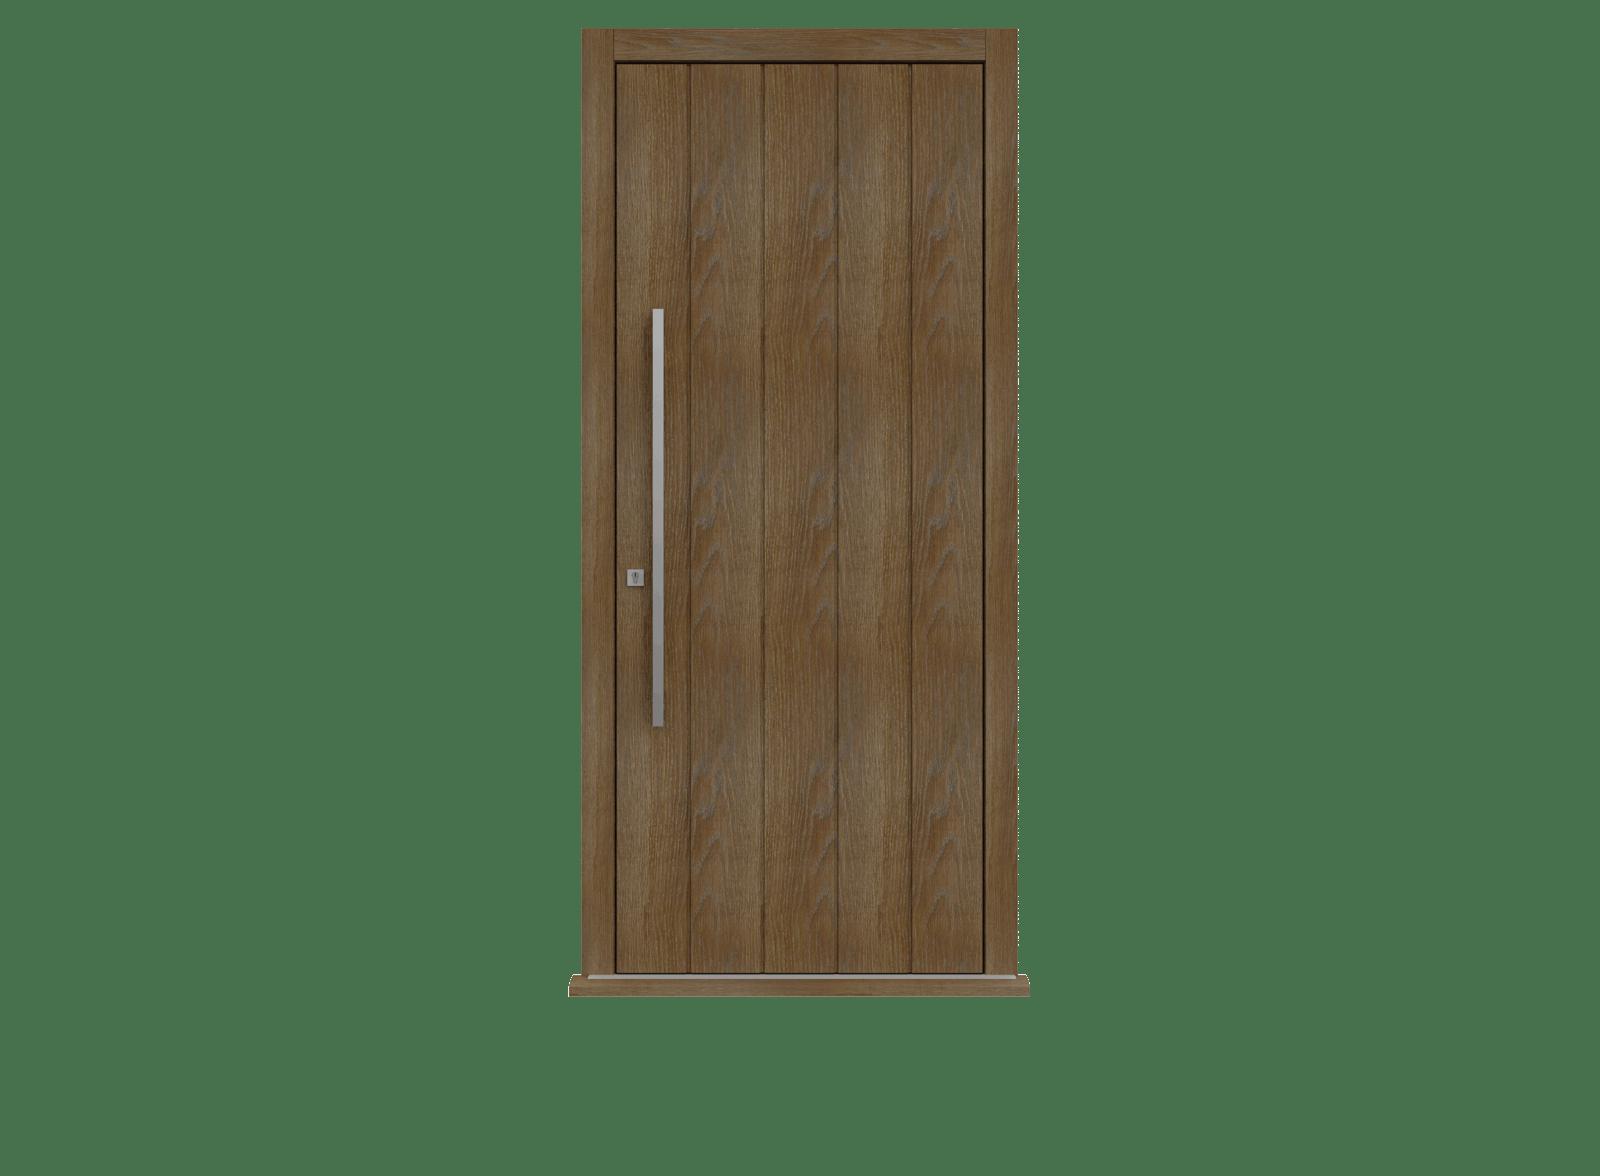 Walnut Stained Oak Single leaf front door -  Pichola V by Deuren